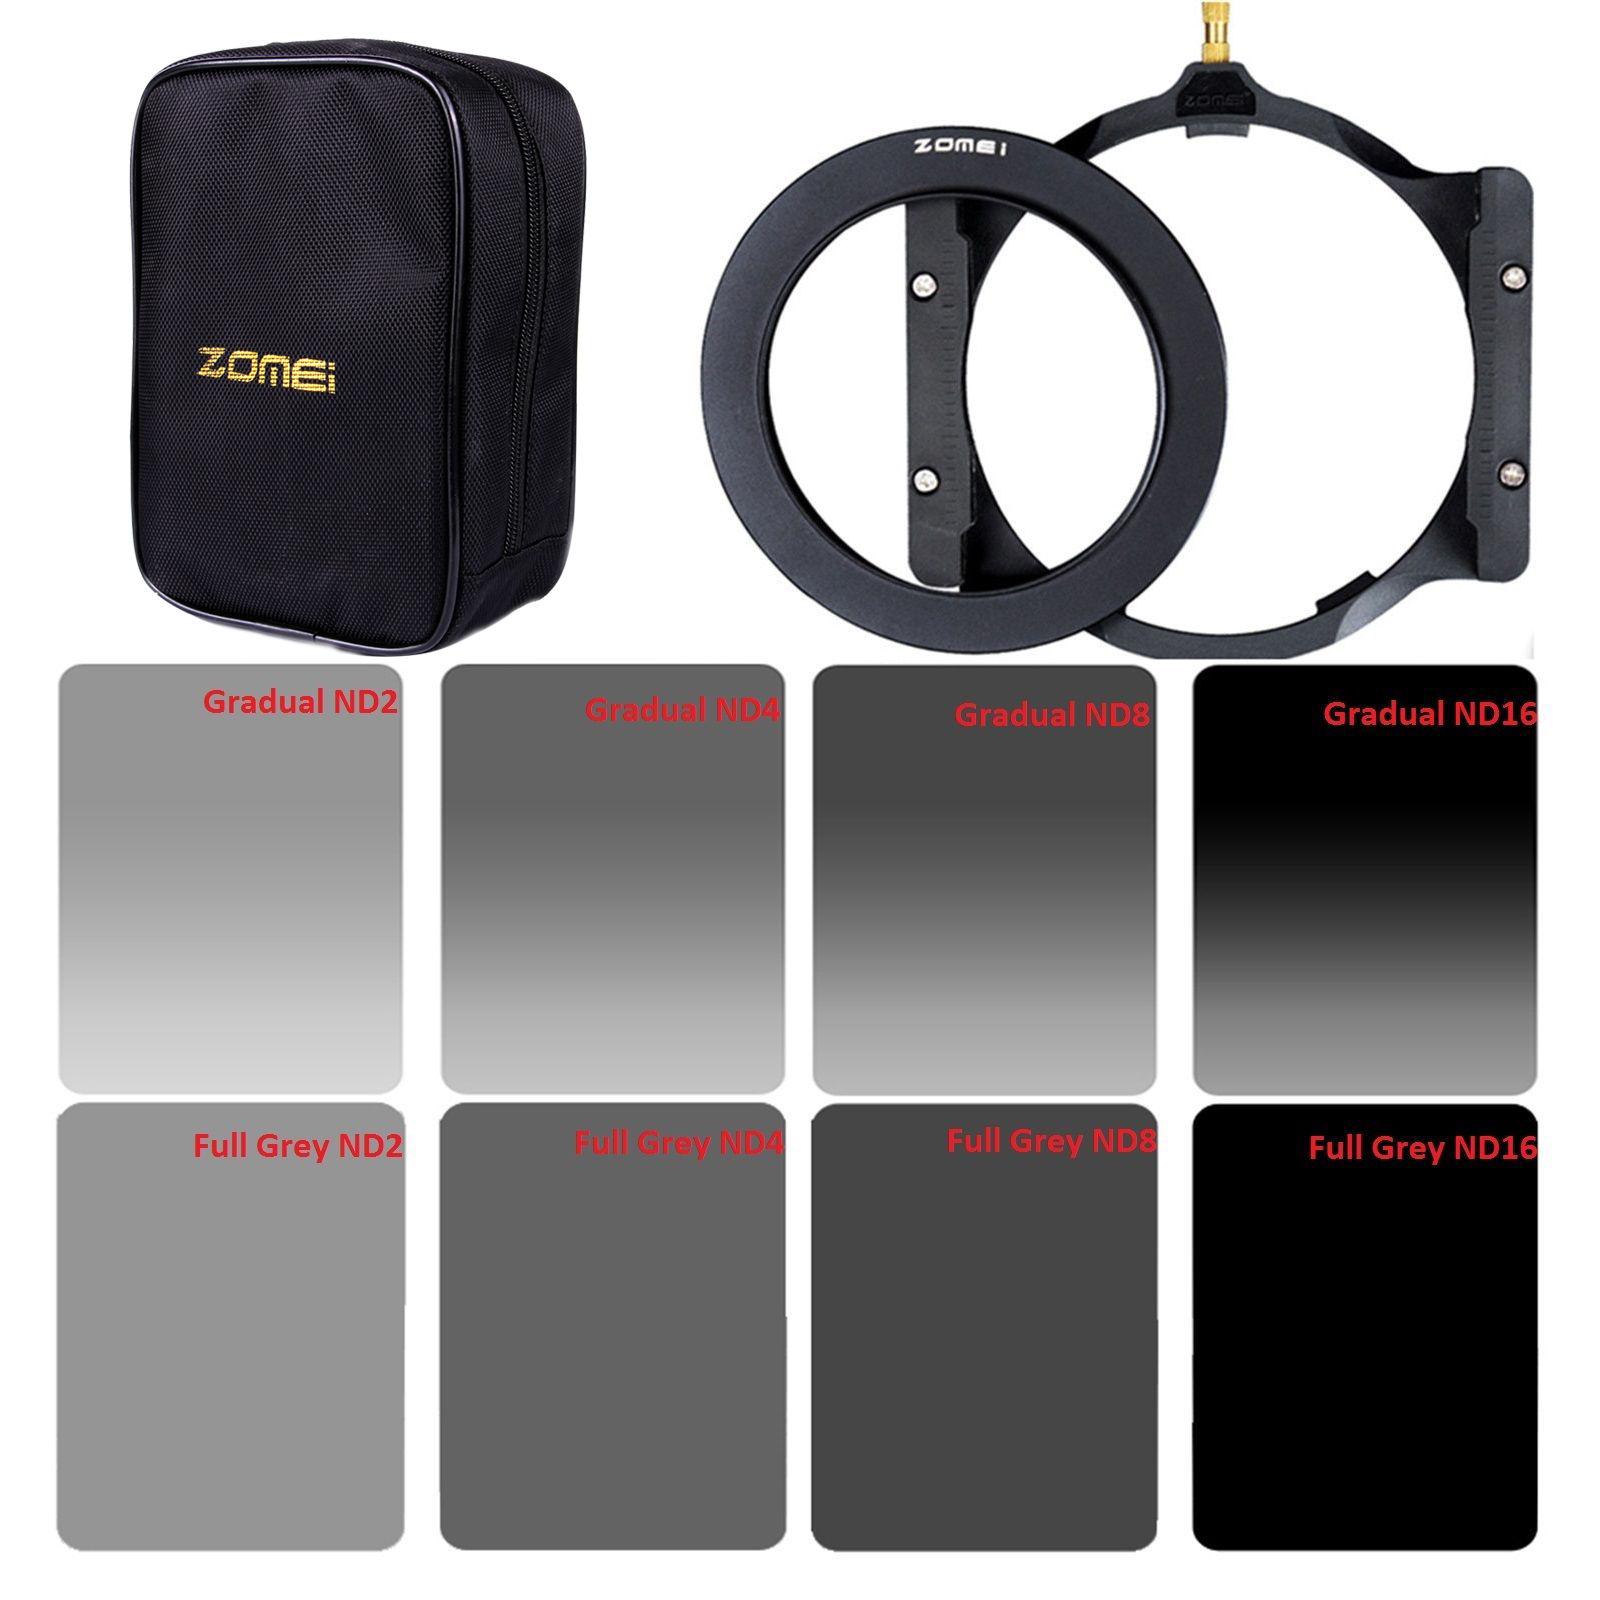 Zomei Platz filter 150*100mm Komplett & Diplom ND2 4 8 16 Neutral Density ND filter halter + 67/72/77/82/86mm adapter